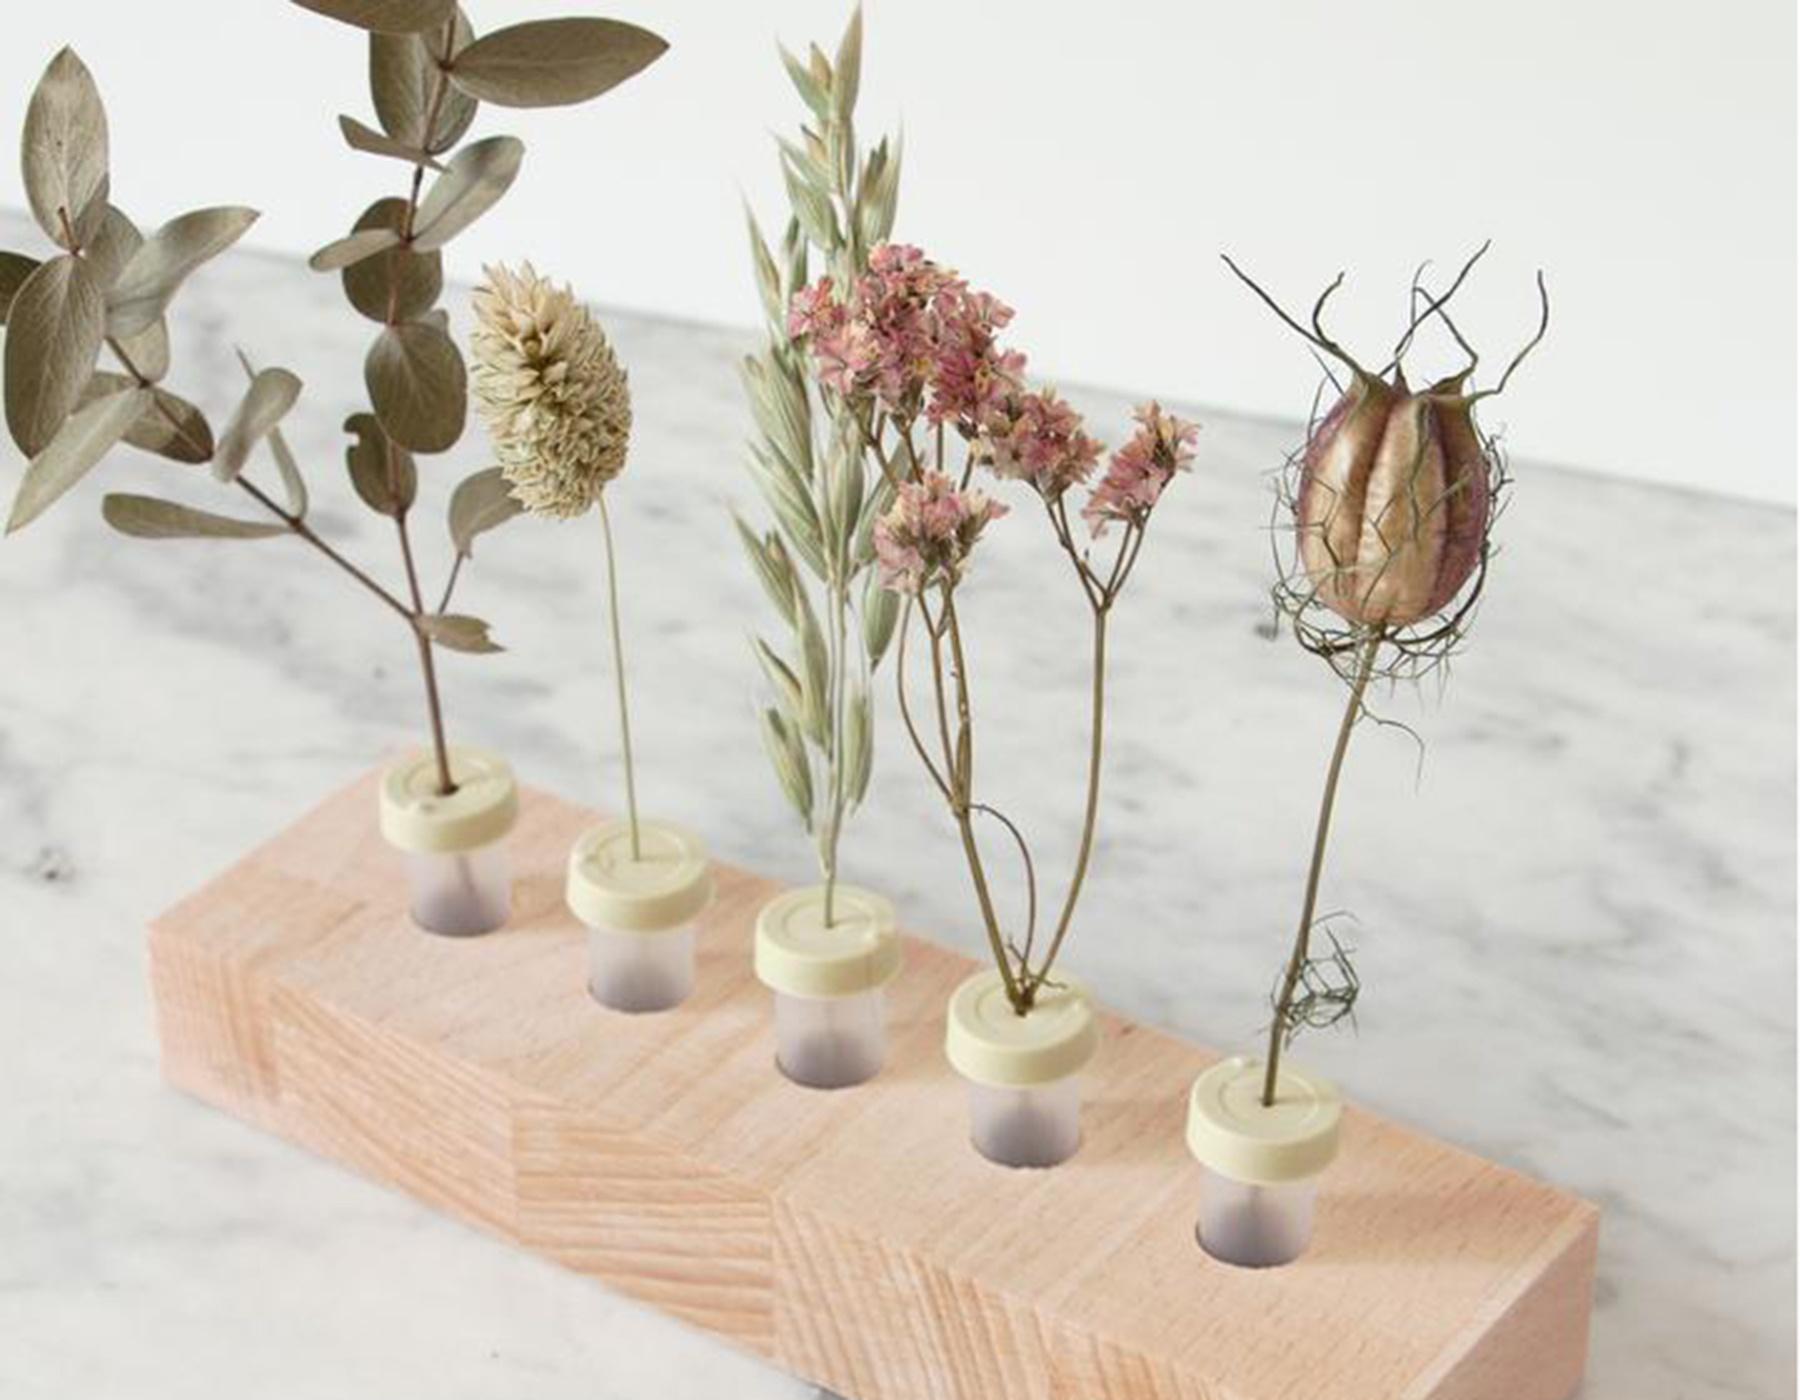 fleurtjedag online bloemen bestellen bezorgen relatiegeschenken